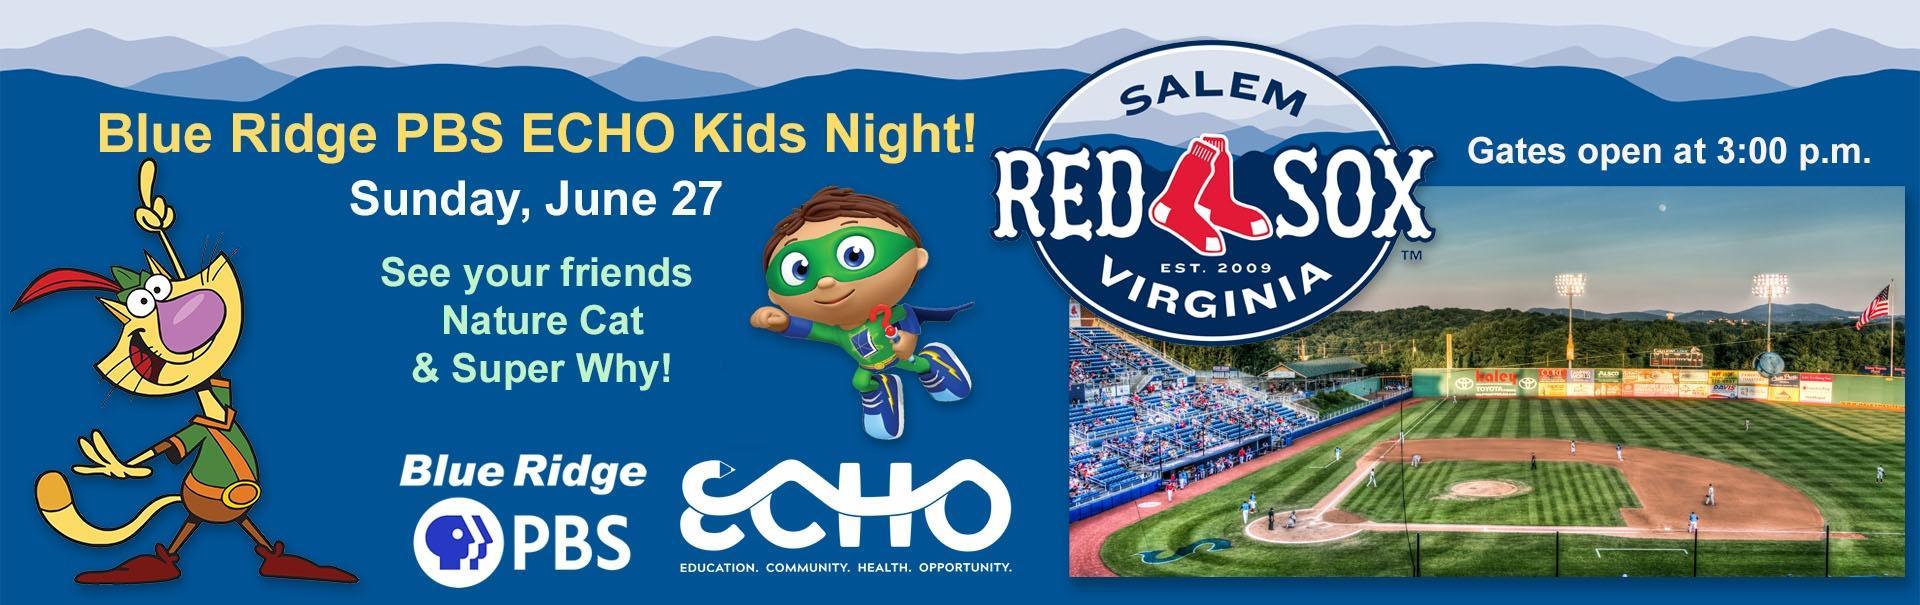 Blue Ridge PBS ECO Kids Night at the Salem Red Sox